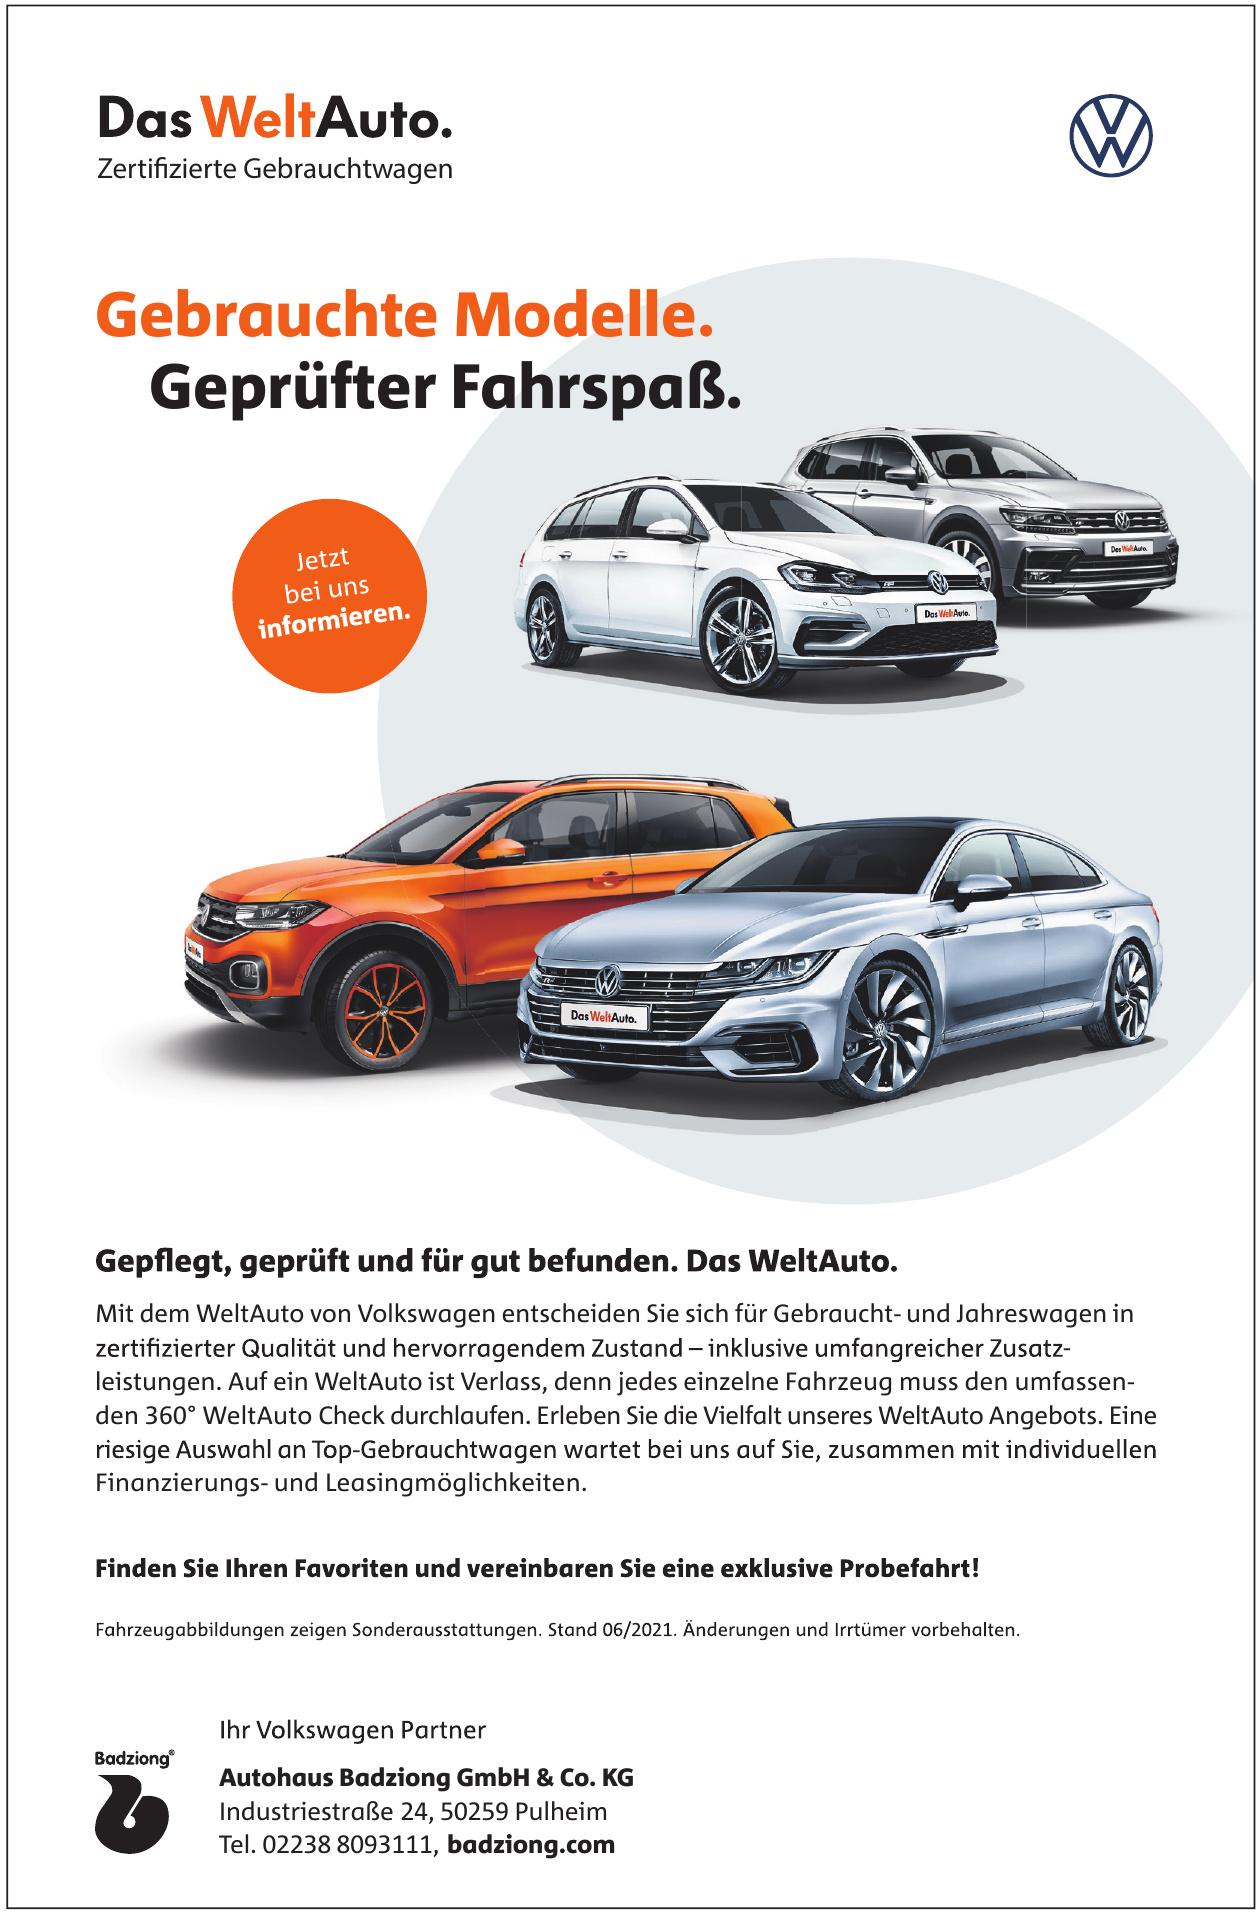 Autohaus Badziong GmbH & Co. KG